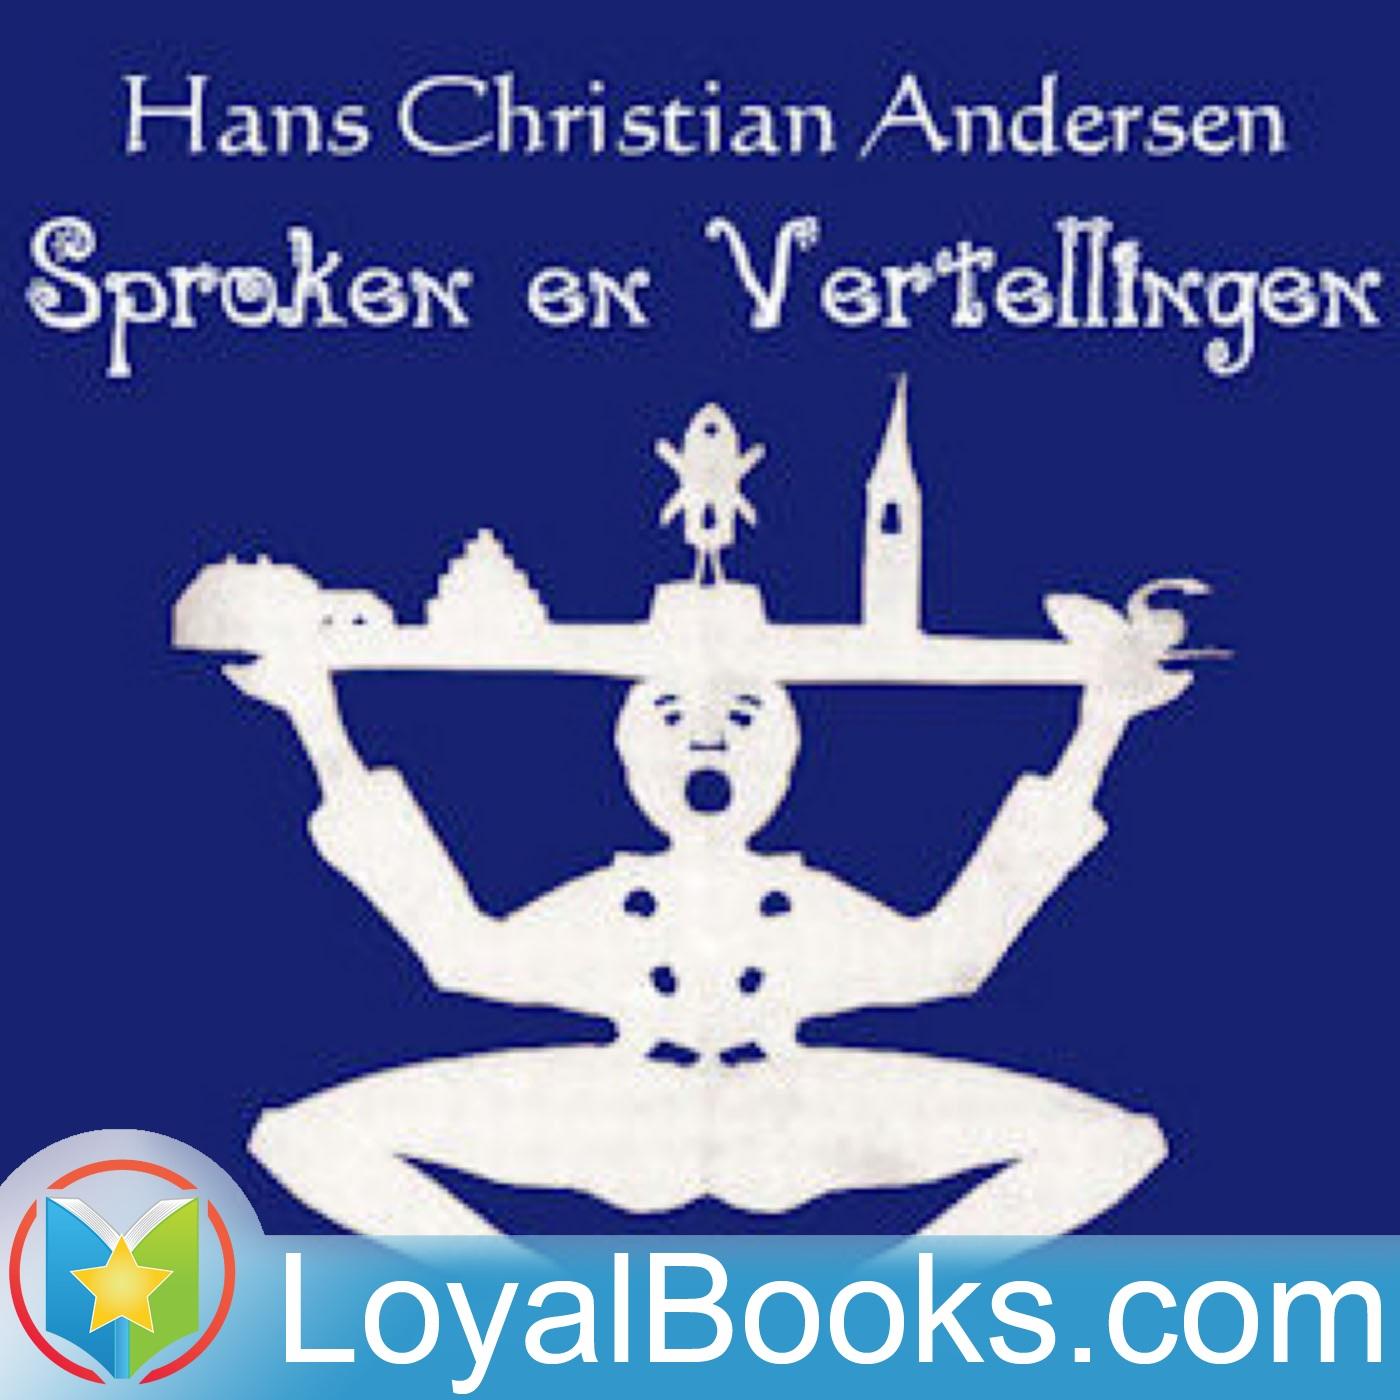 <![CDATA[Andersens Sproken en vertellingen by Hans Christian Andersen]]>